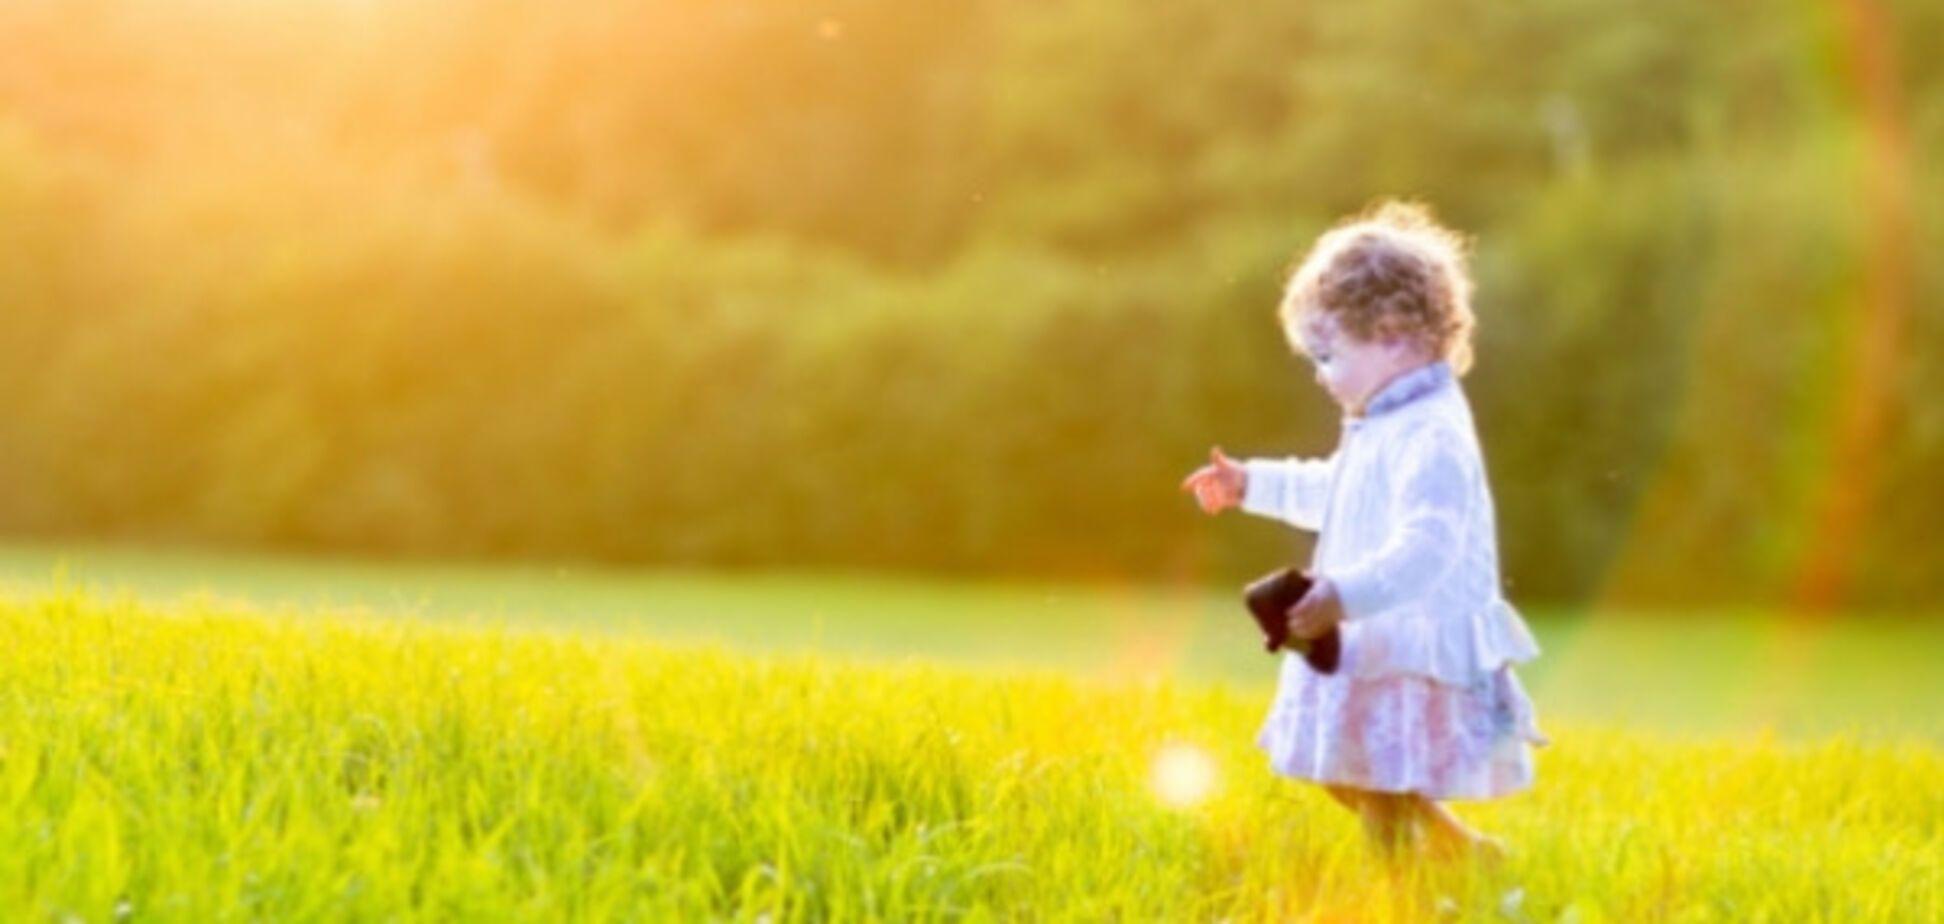 Ребенка укусил клещ: важные советы родителям